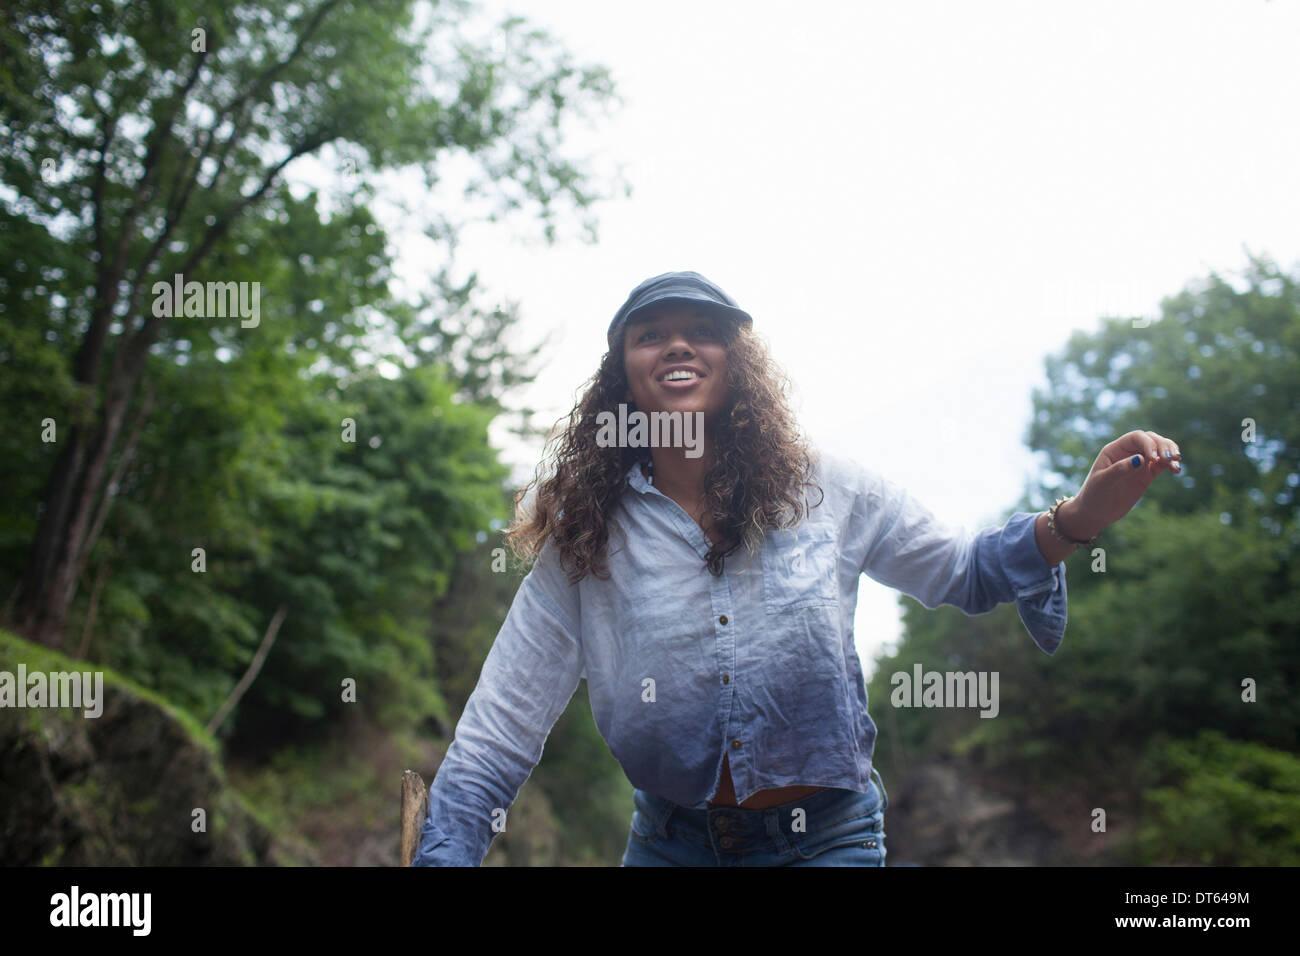 Adolescente caminar al aire libre Imagen De Stock